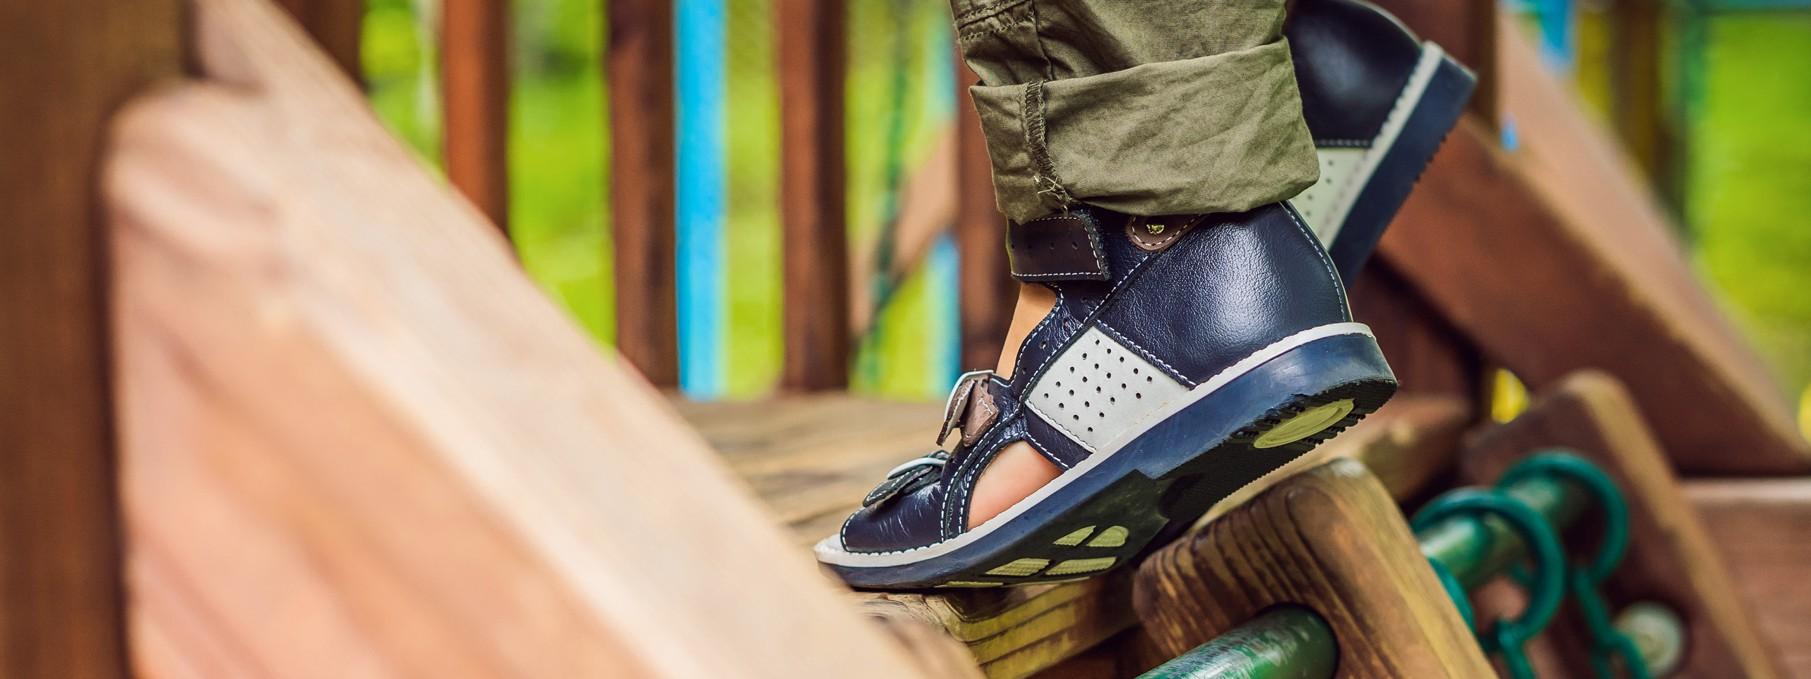 Ein Kind klettert auf einem Spielplatz und trägt orthopädische Schuhe.